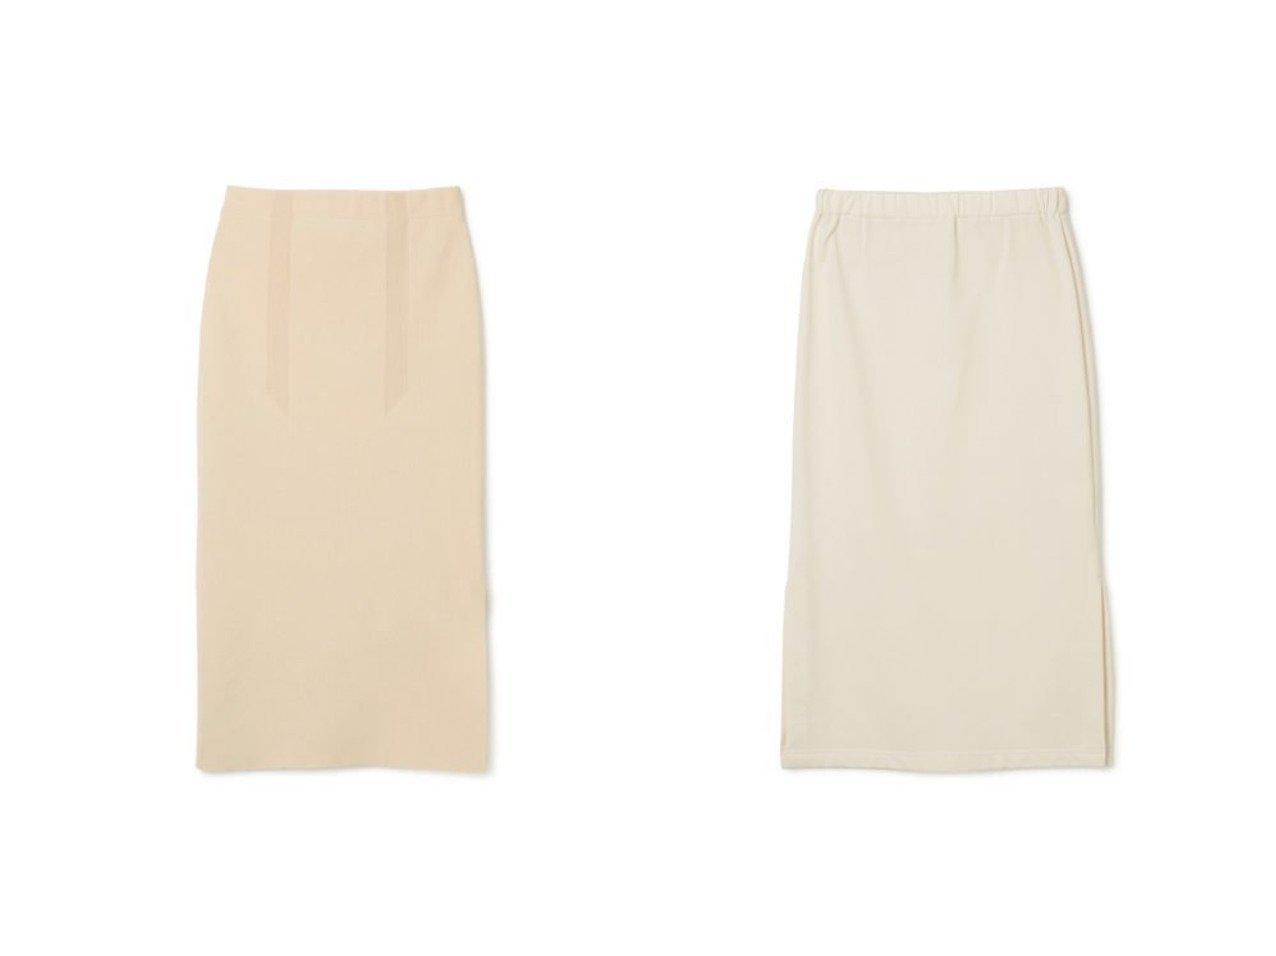 【08sircus/ゼロエイトサーカス】のAmossa side slit knit skirt&Compact terry side slit skirt スカートのおすすめ!人気、トレンド・レディースファッションの通販  おすすめで人気の流行・トレンド、ファッションの通販商品 メンズファッション・キッズファッション・インテリア・家具・レディースファッション・服の通販 founy(ファニー) https://founy.com/ ファッション Fashion レディースファッション WOMEN スカート Skirt 2021年 2021 2021 春夏 S/S SS Spring/Summer 2021 S/S 春夏 SS Spring/Summer スリット タイトスカート フロント マキシ ロング 定番 コンパクト シンプル 軽量 |ID:crp329100000009730